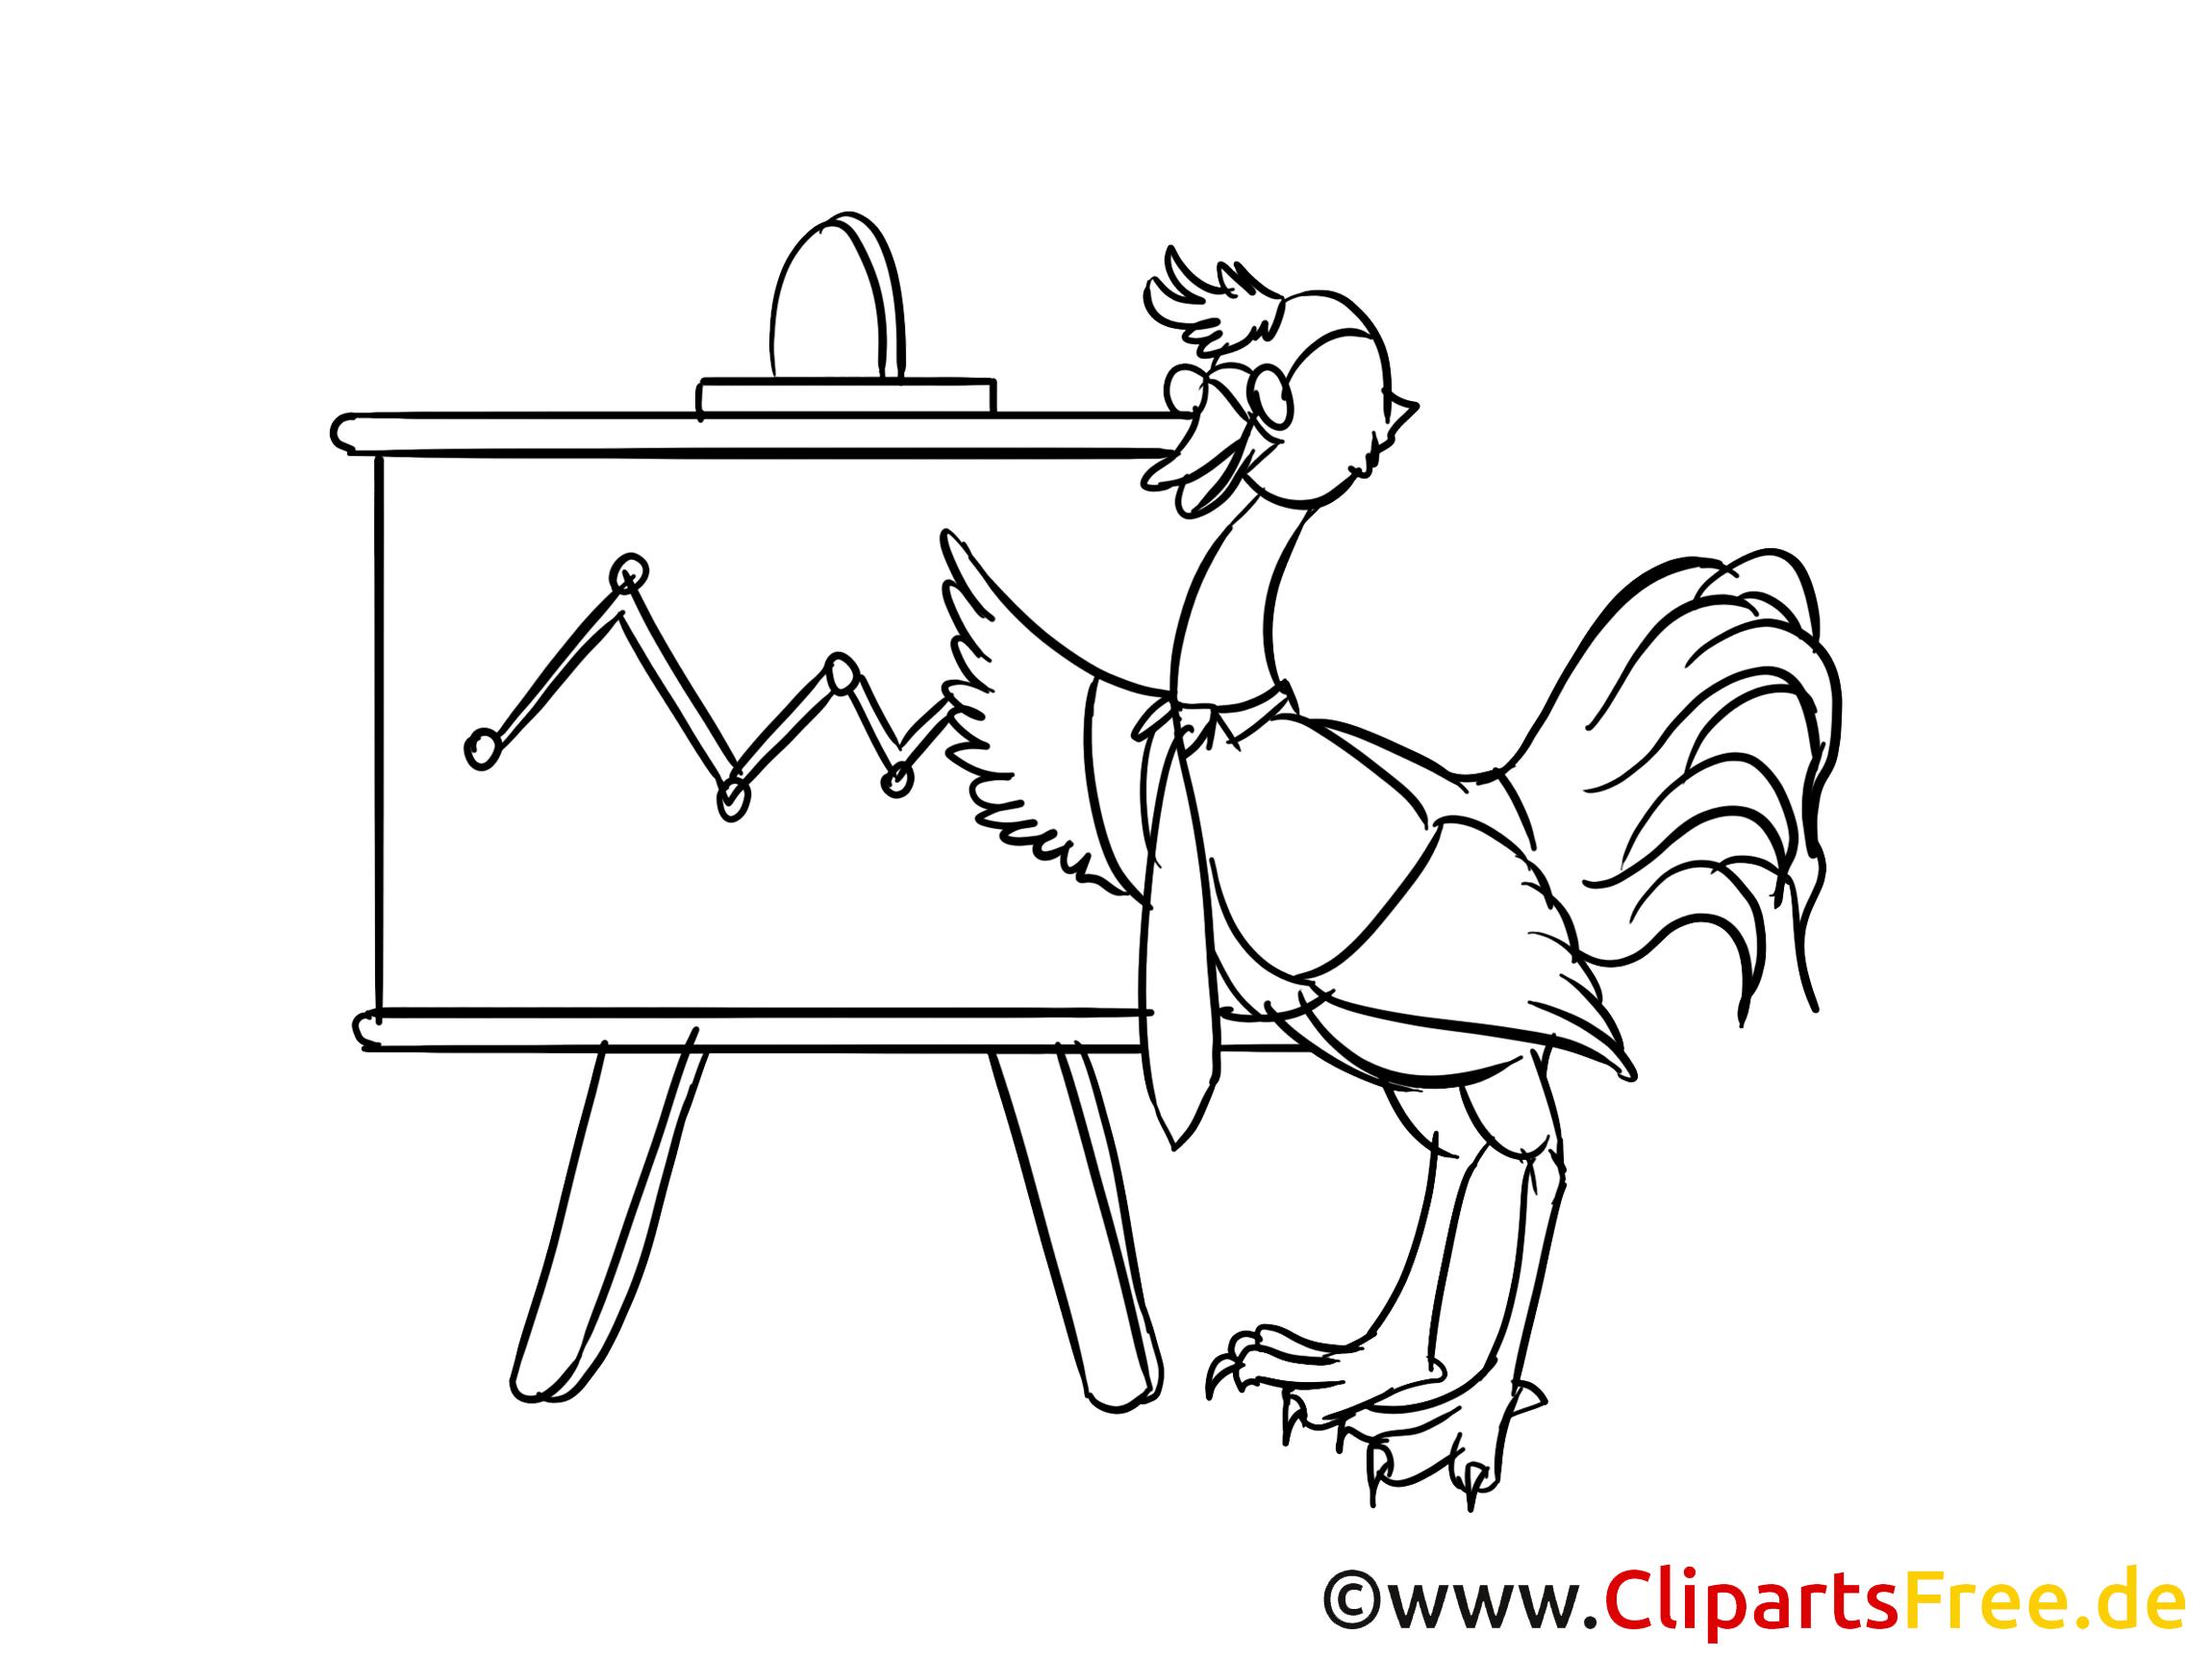 Ziel Strategie Clipart, Bild, Zeichnung, Cartoon